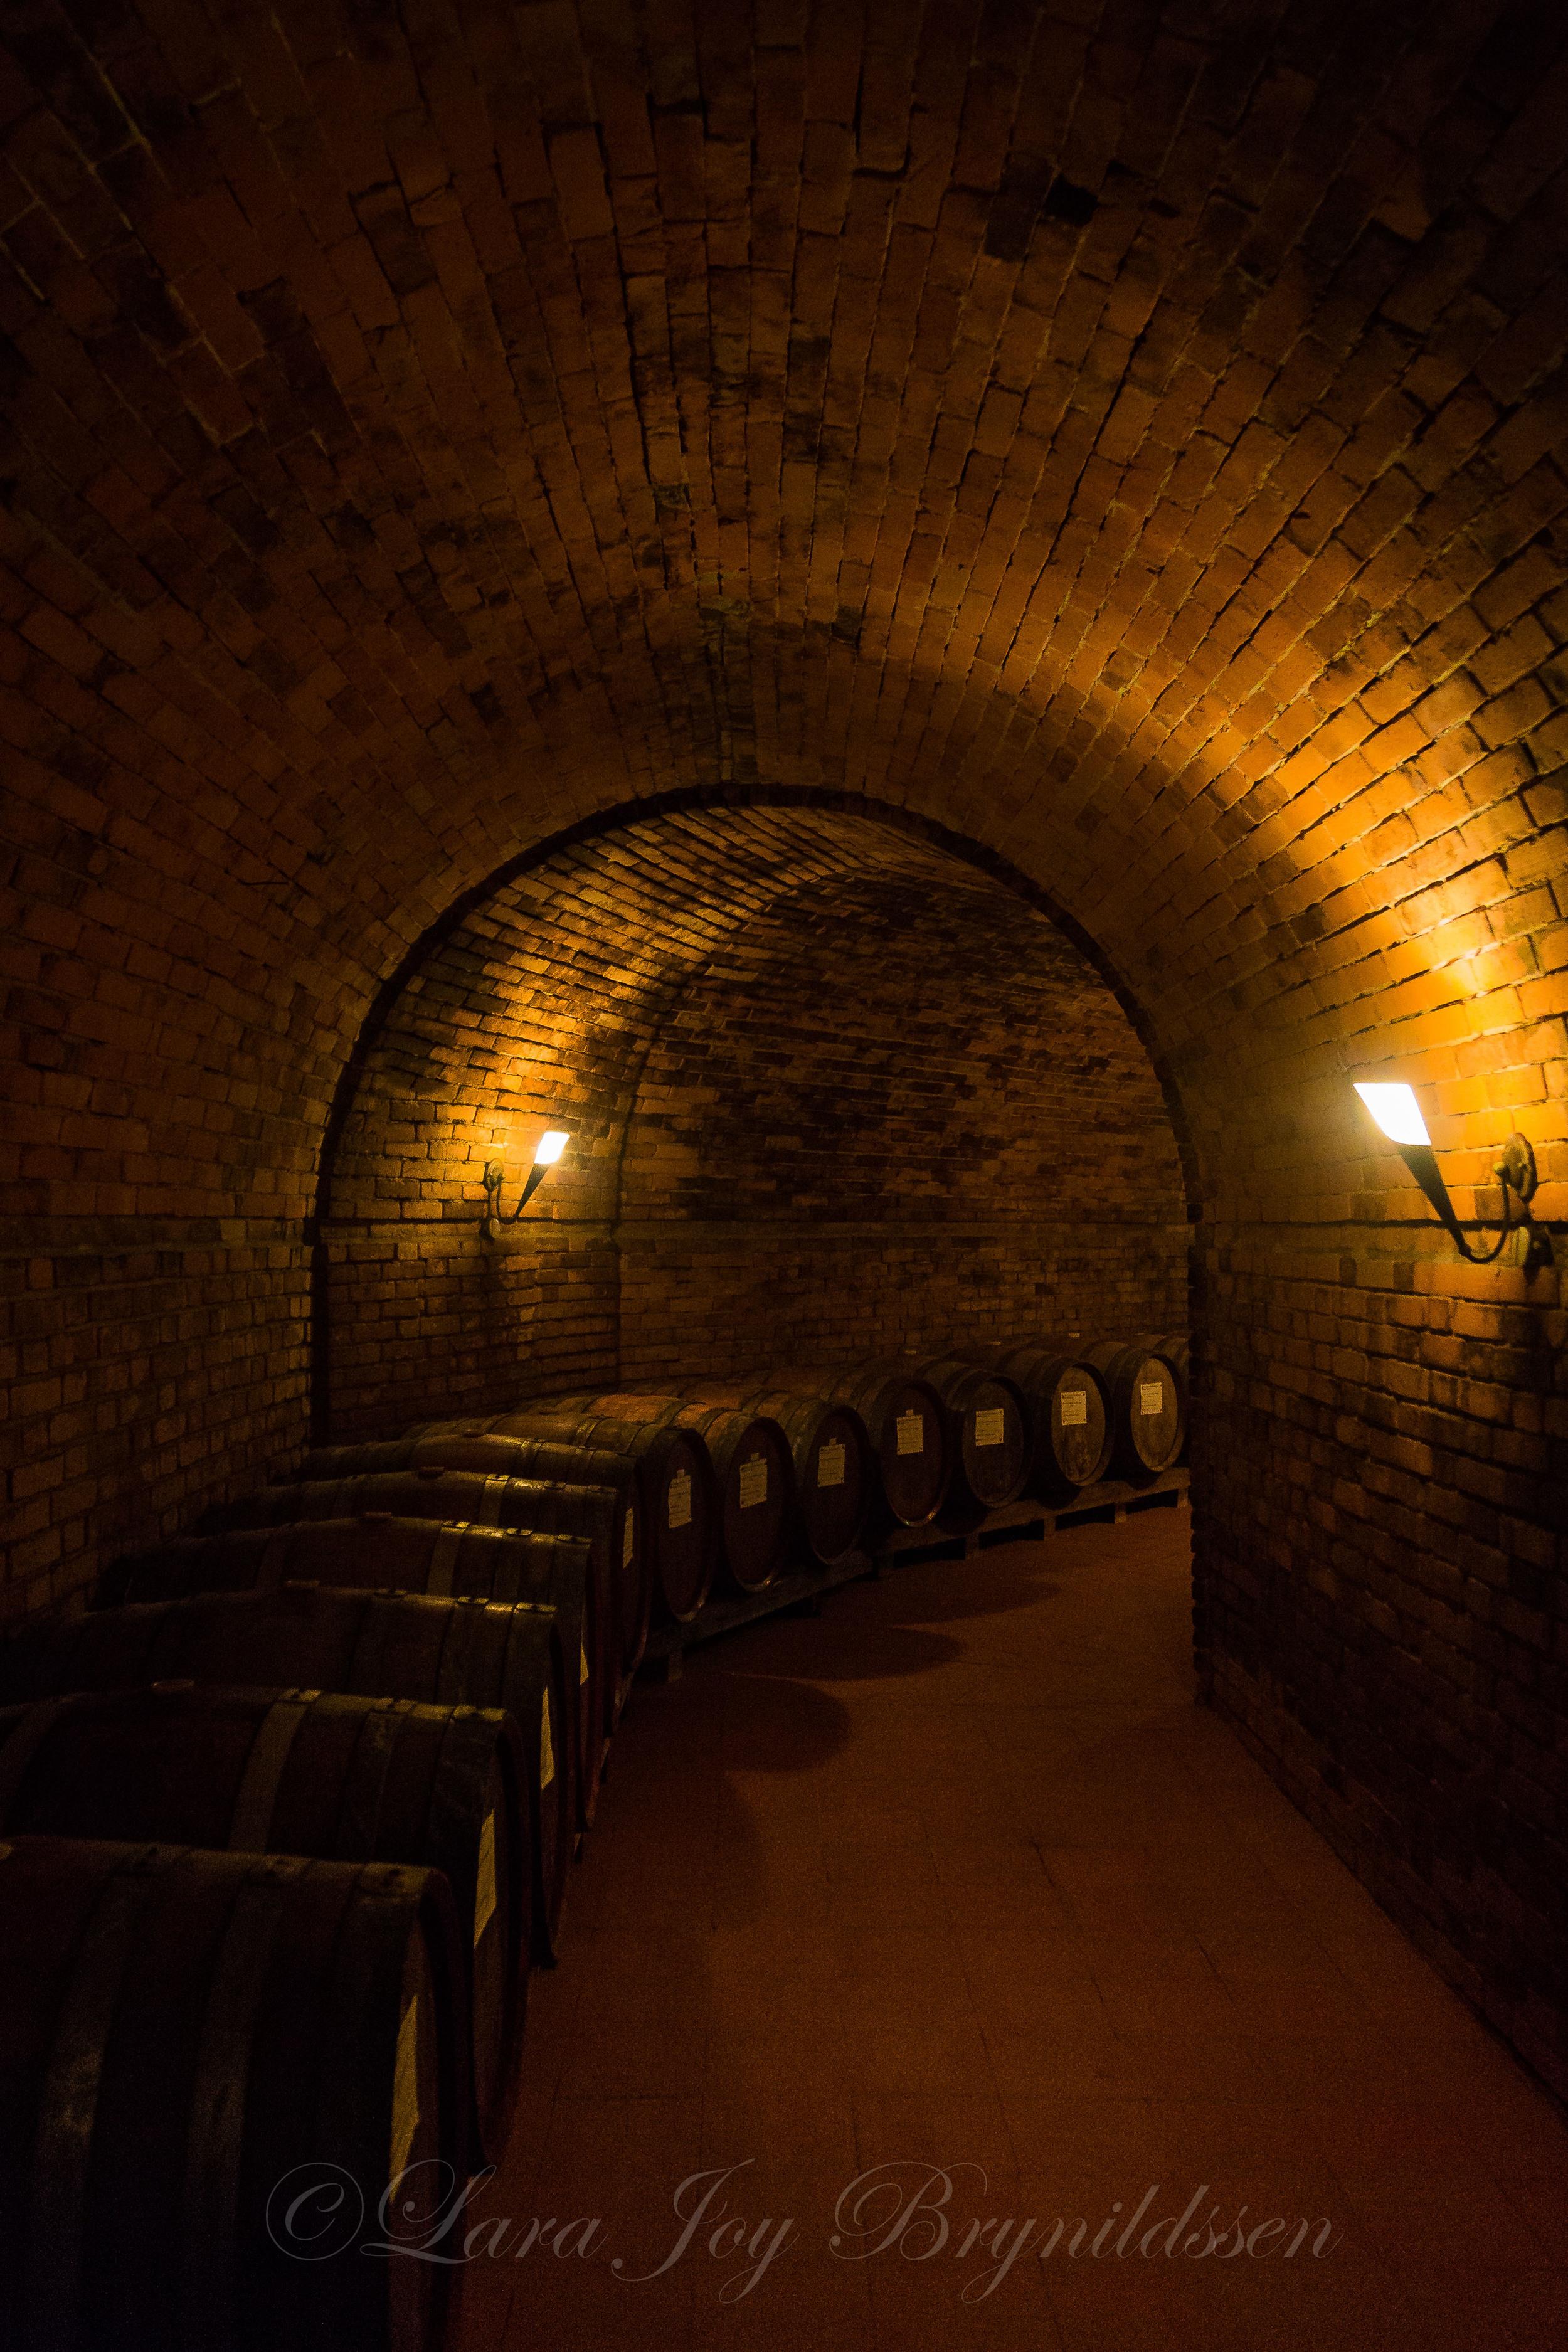 We toured the wine production facilities of Castello Monterinaldi in Chianti.